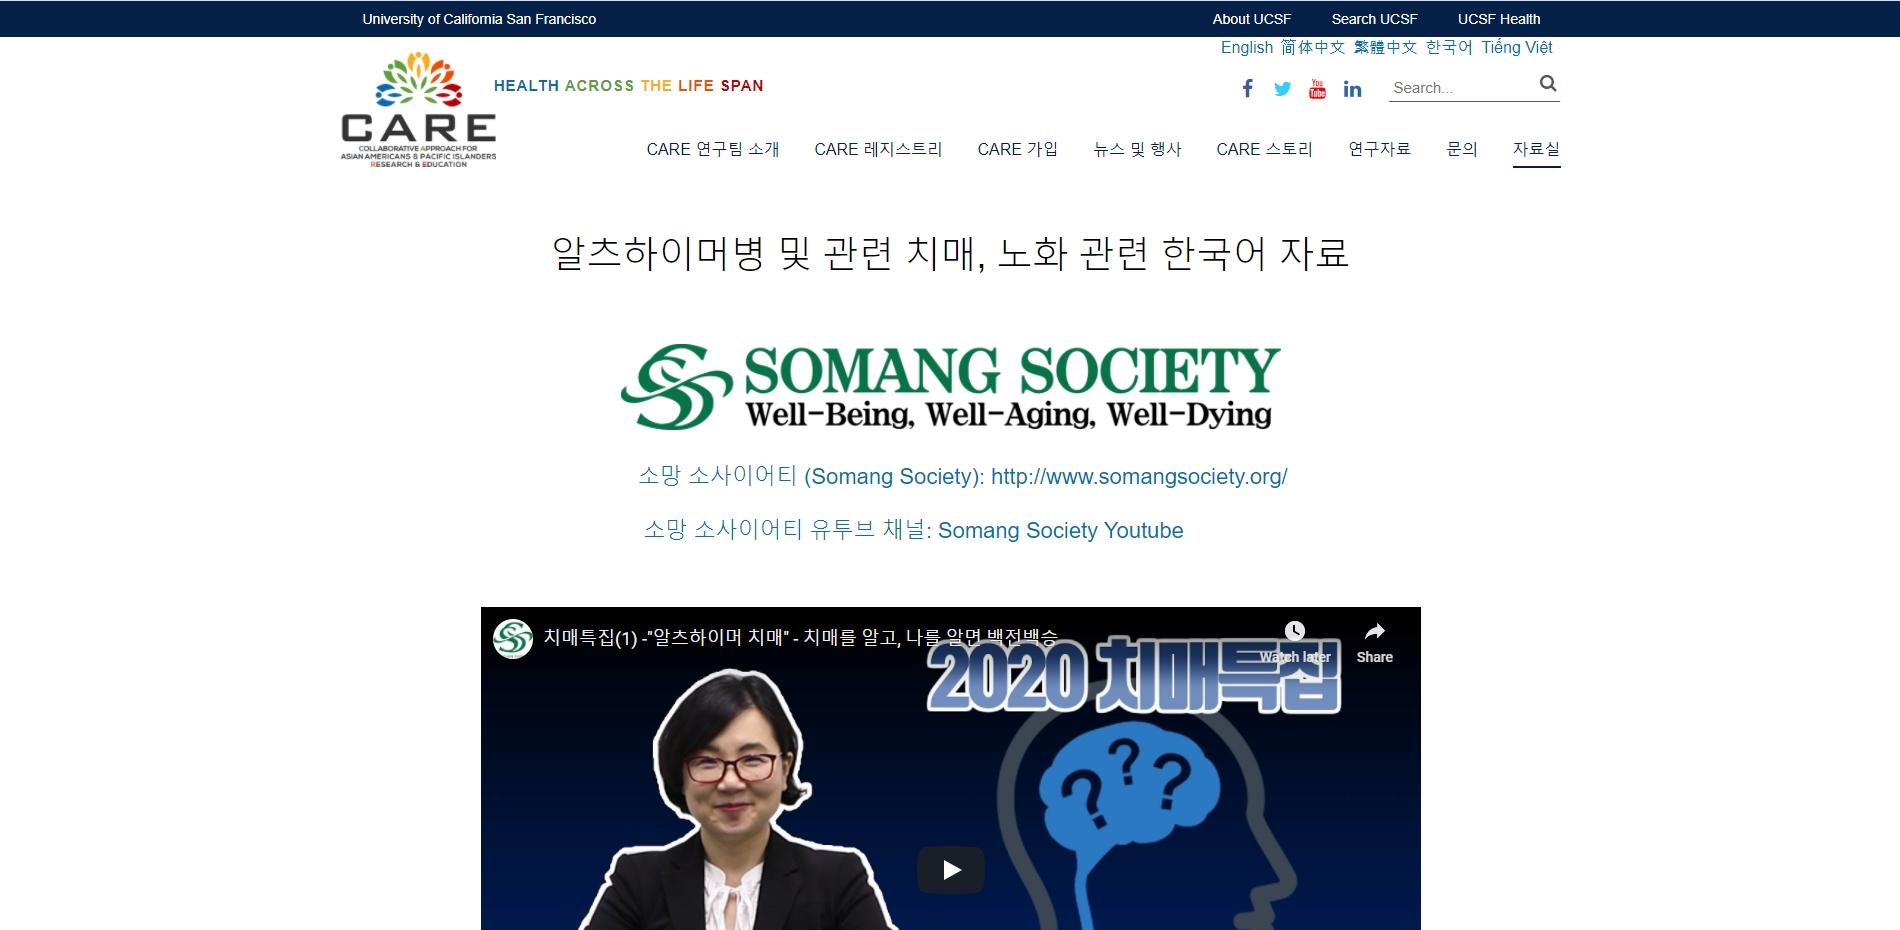 소망 소사이어티, UCSF 연구 사이트에 한국어 교육 자료로 LINK